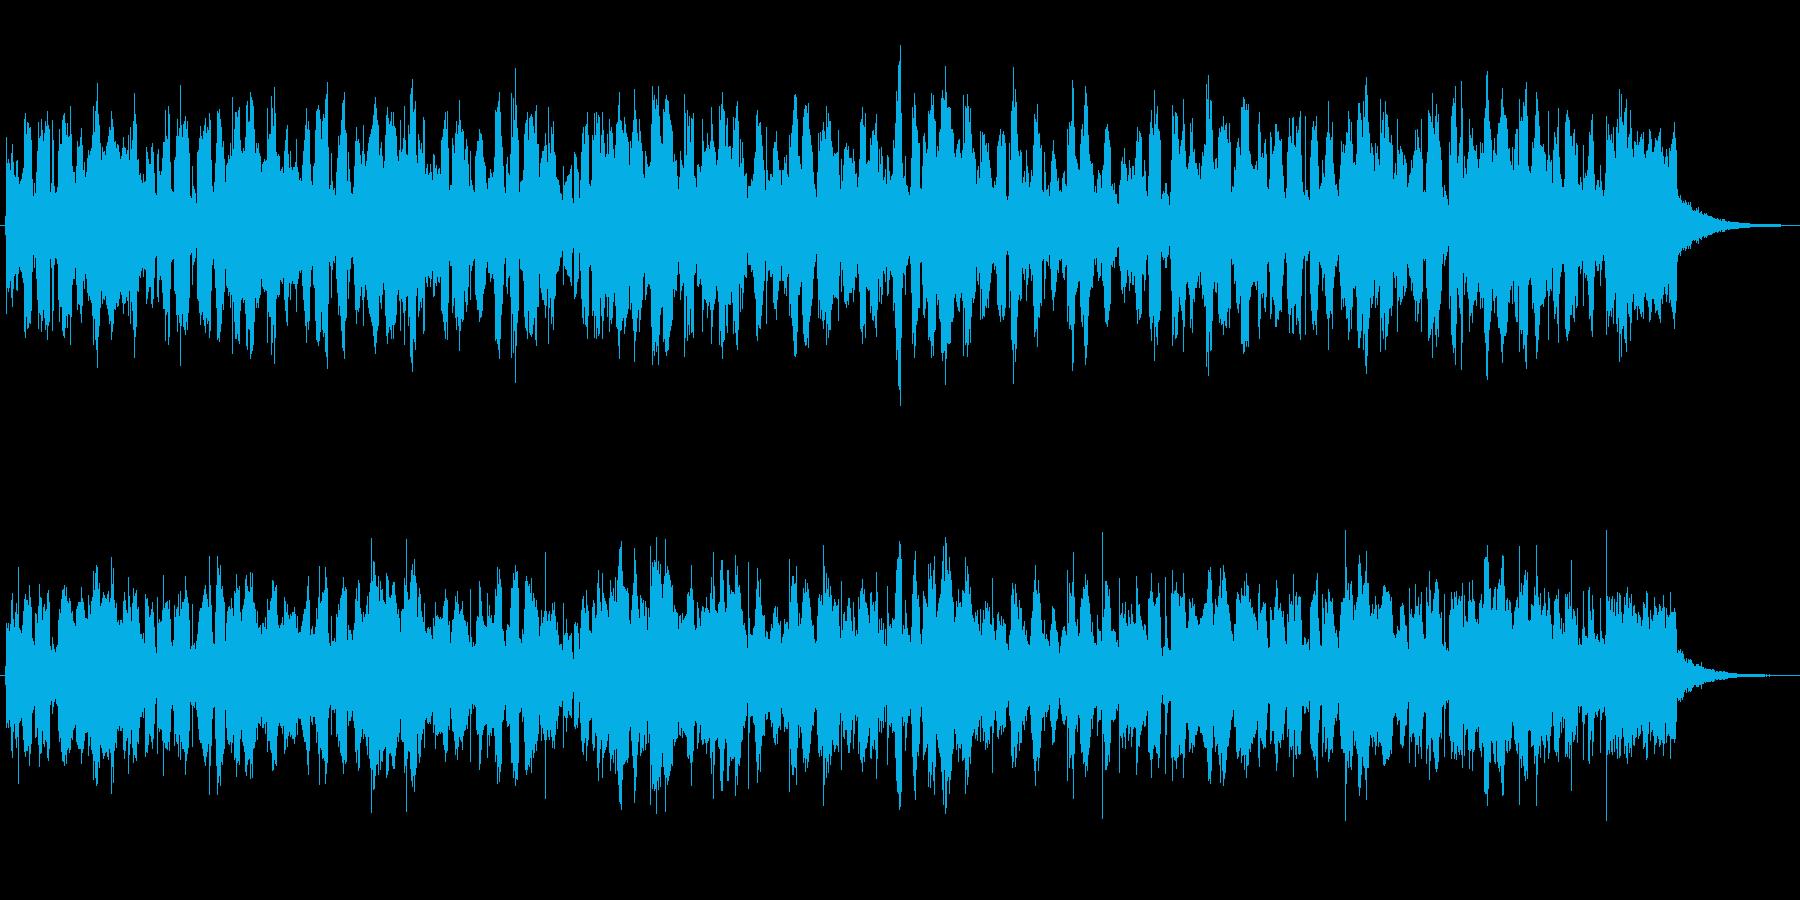 アコーディオンの牧歌風的なジングルの再生済みの波形